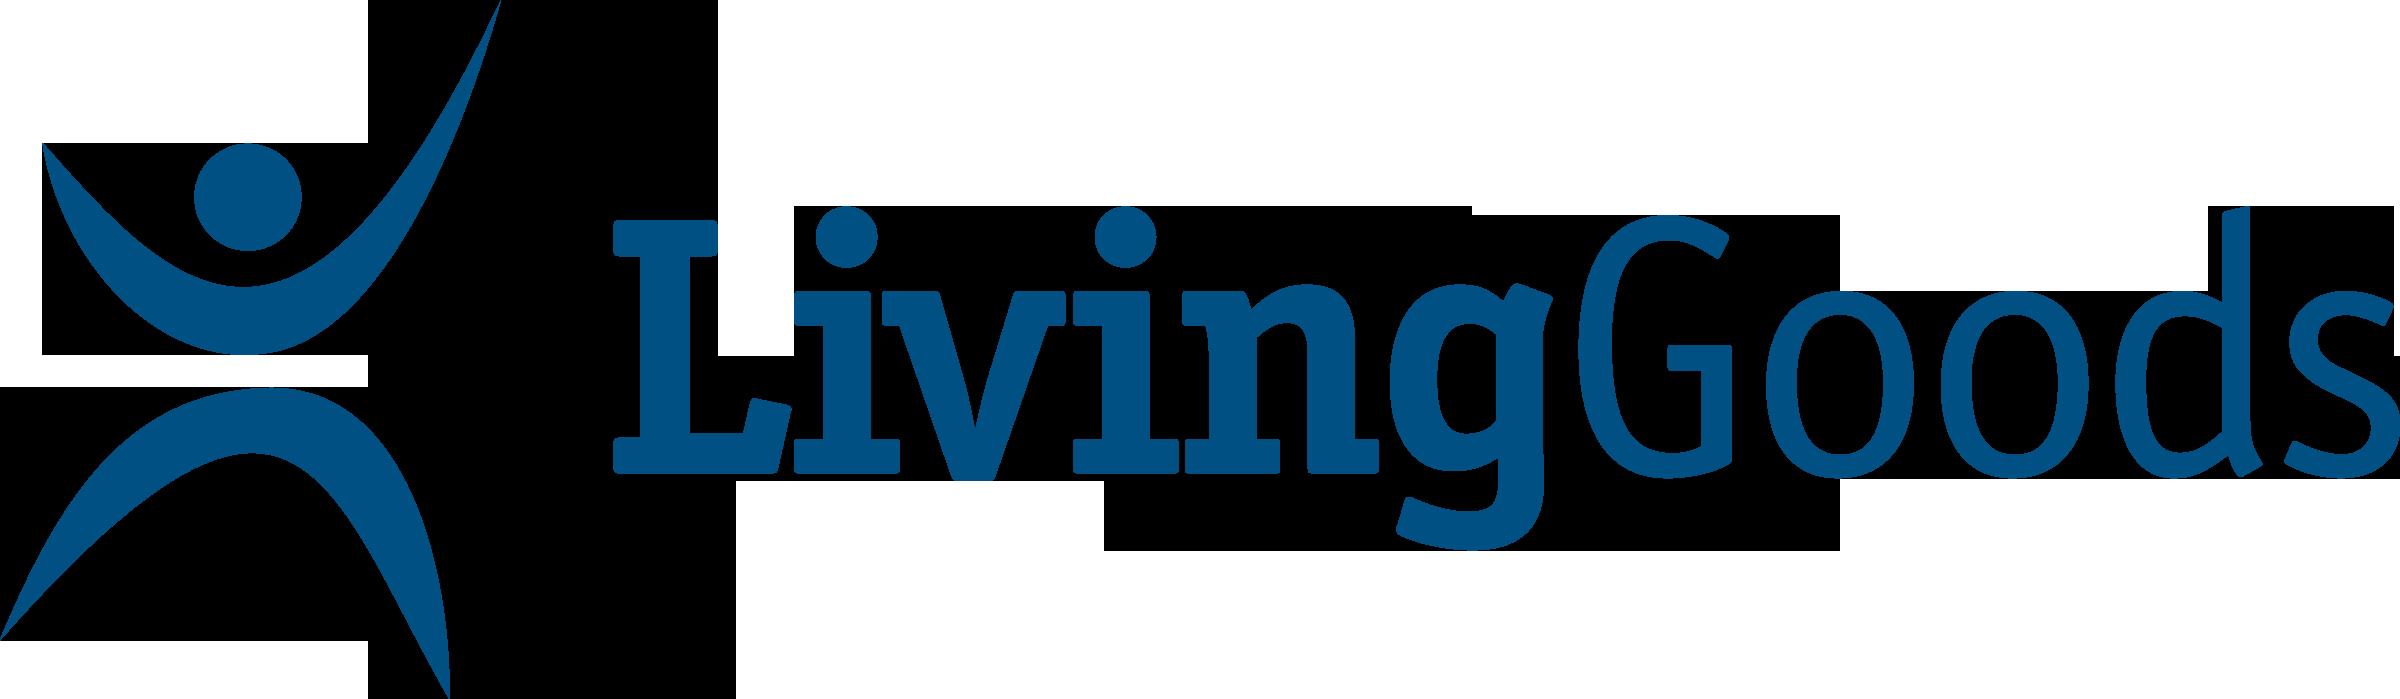 Living Goods_logo_Blue_Large.png